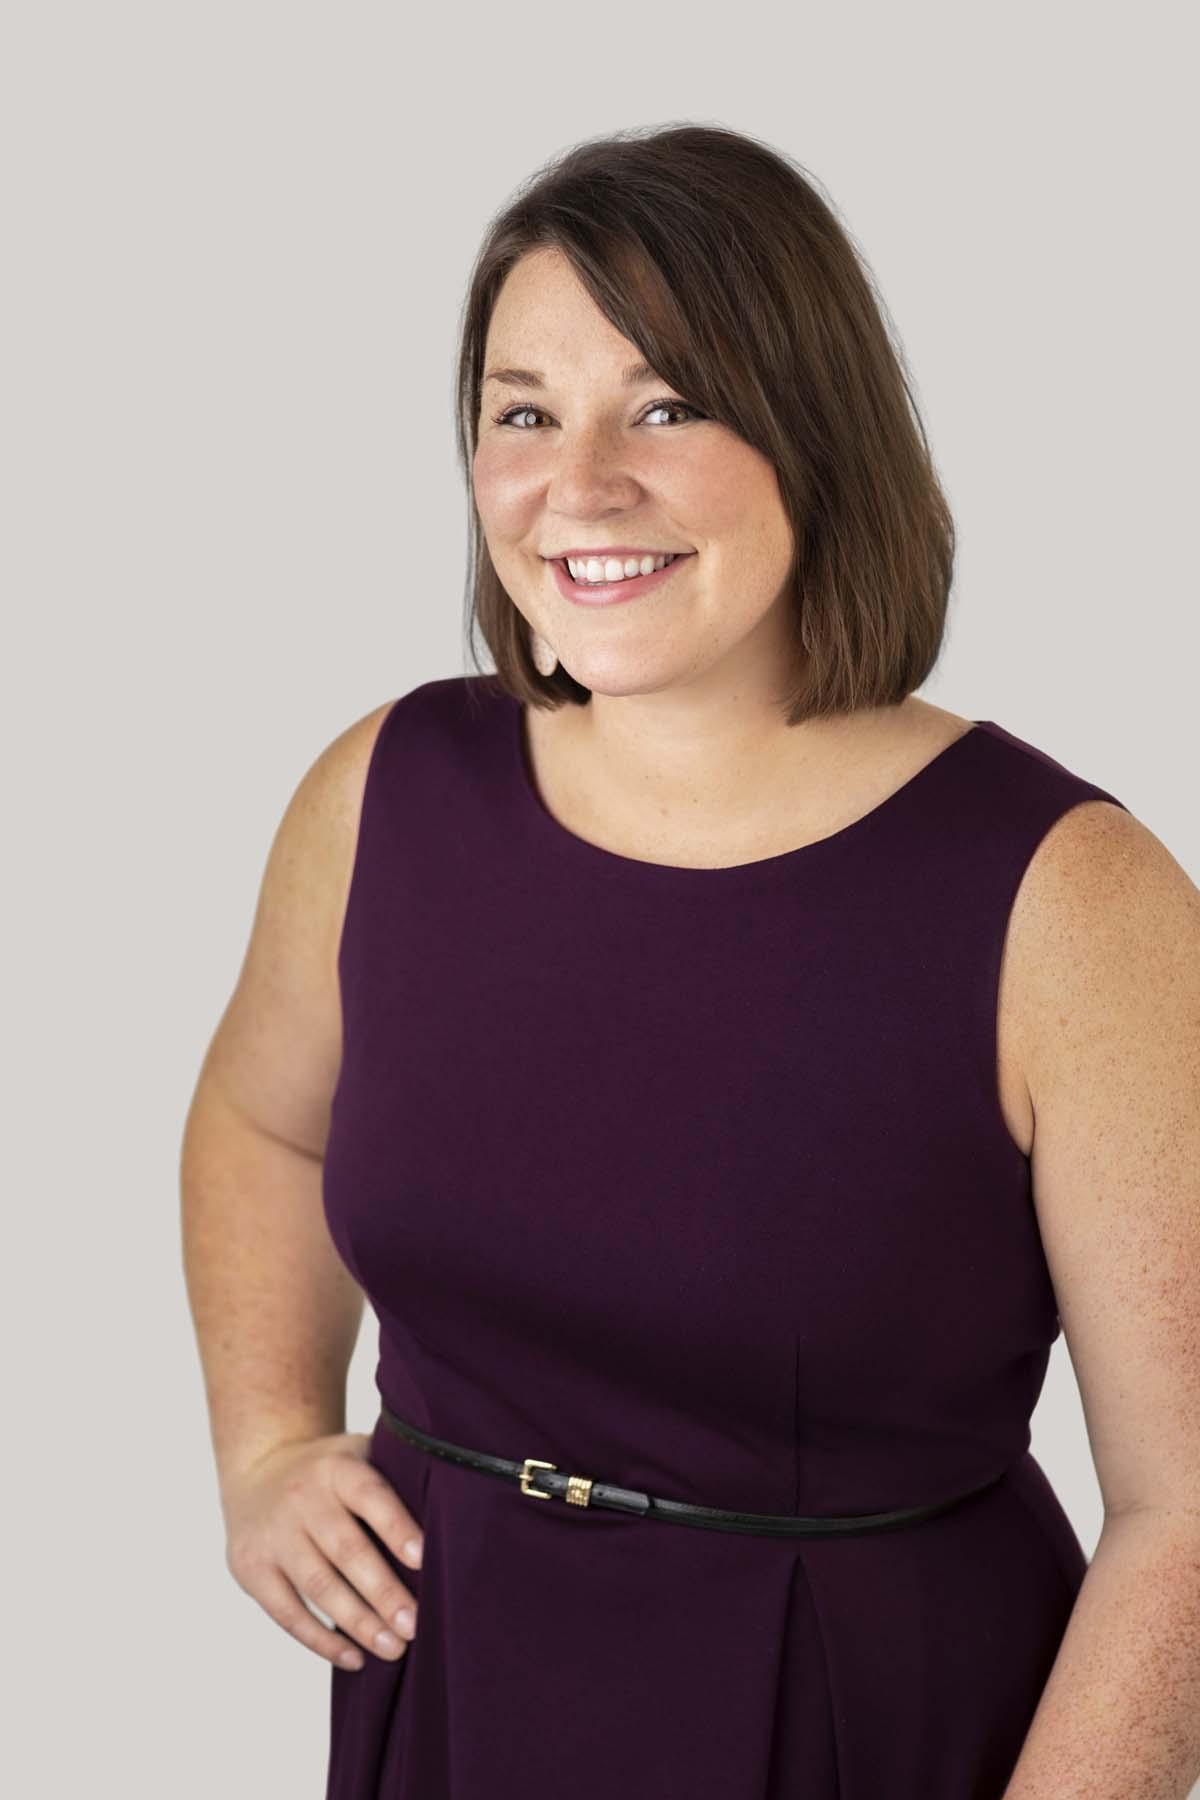 Laura Van Dyke